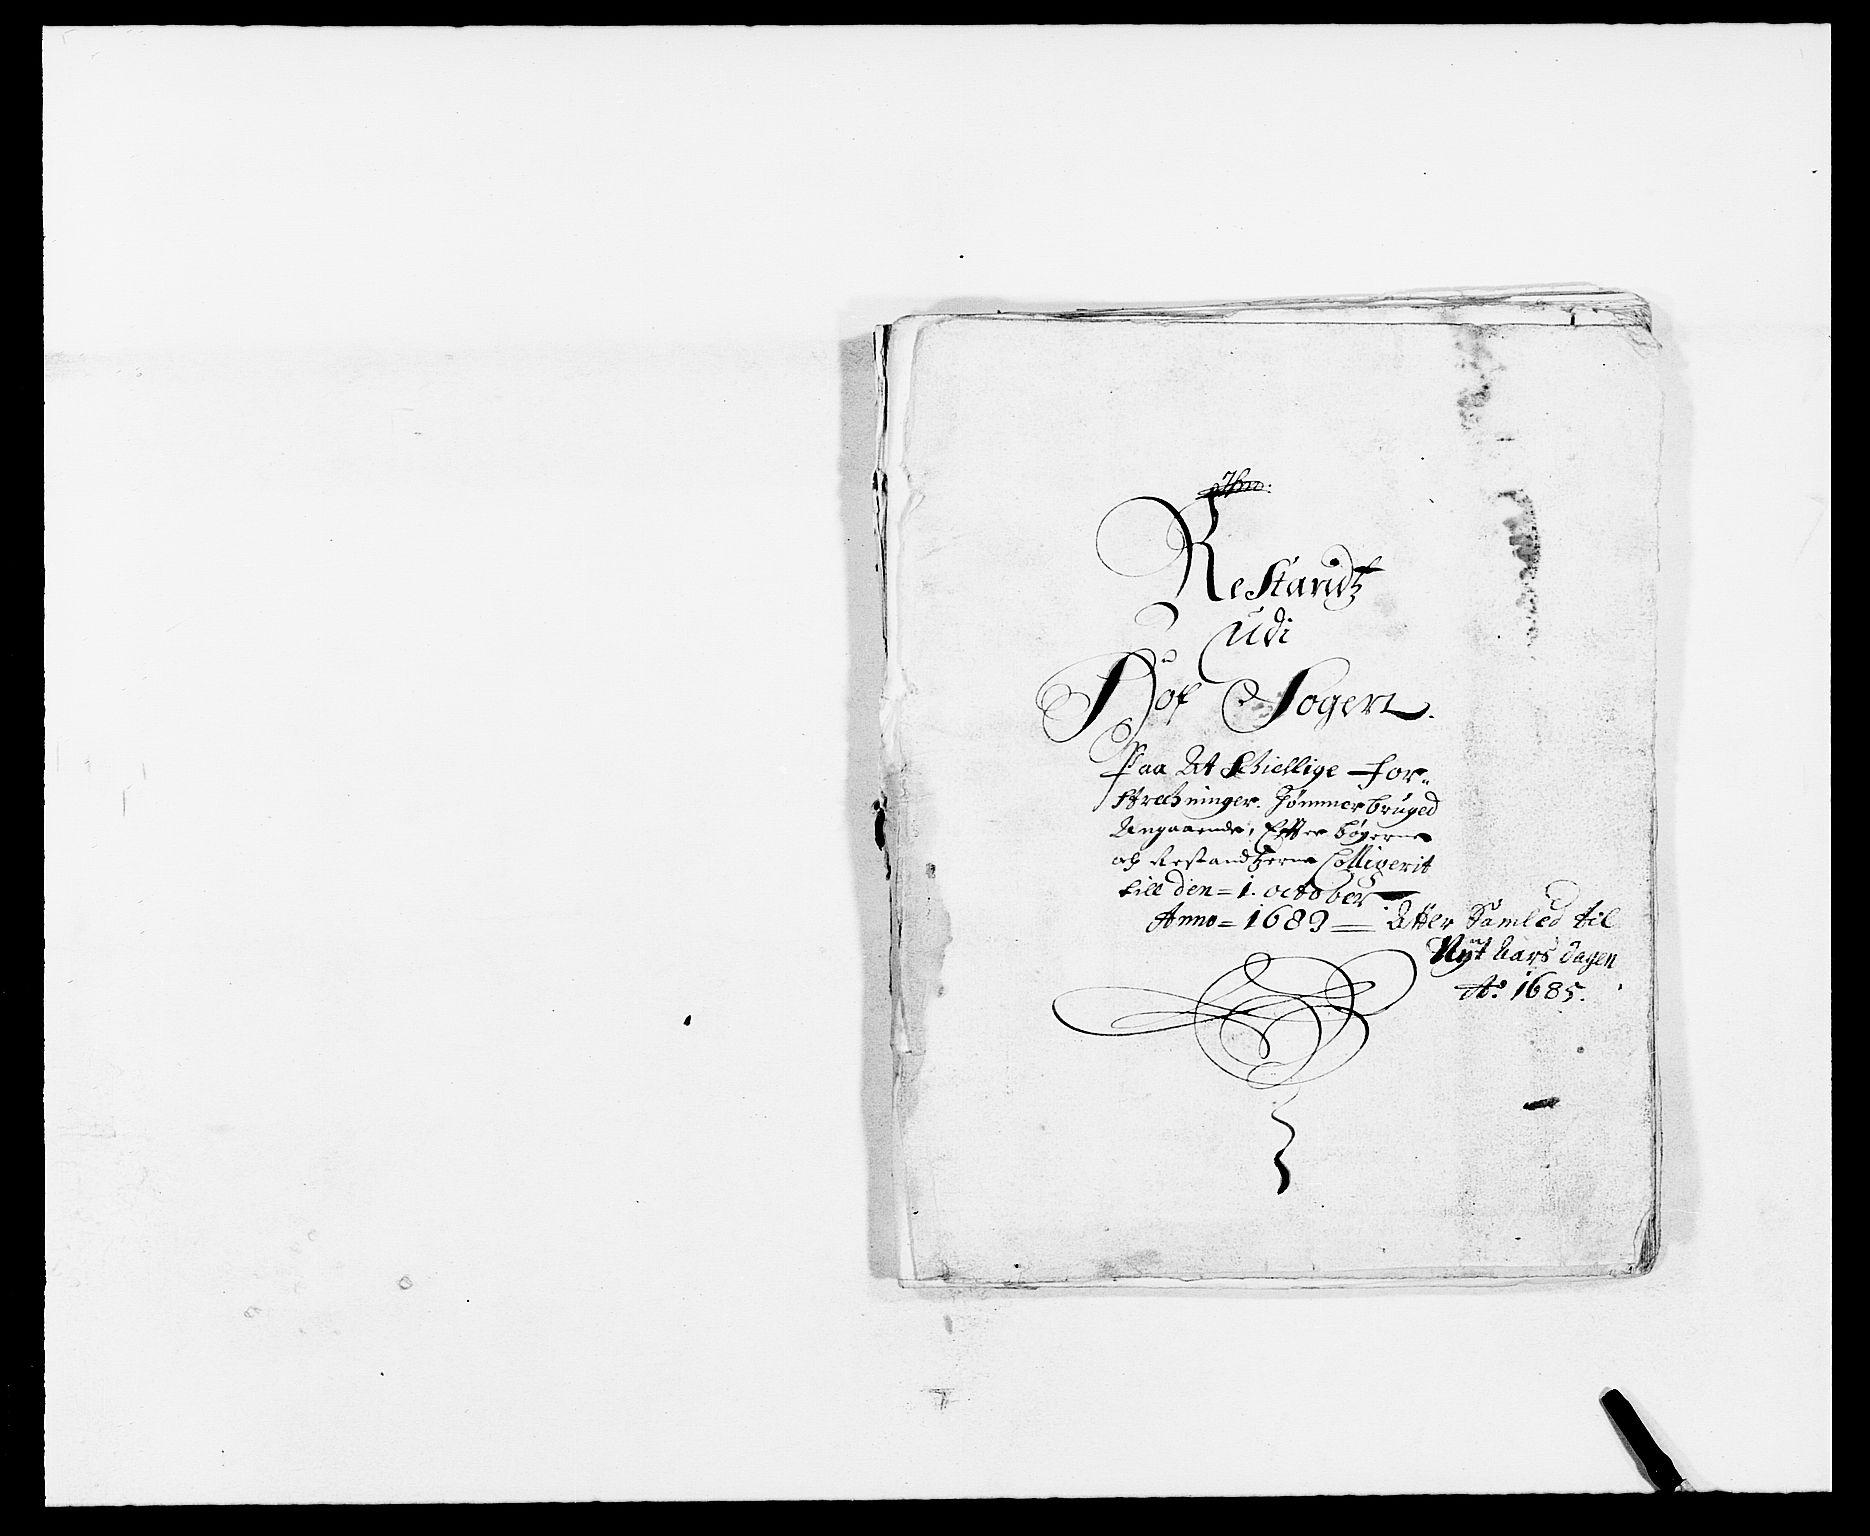 RA, Rentekammeret inntil 1814, Reviderte regnskaper, Fogderegnskap, R13/L0822: Fogderegnskap Solør, Odal og Østerdal, 1685, s. 263